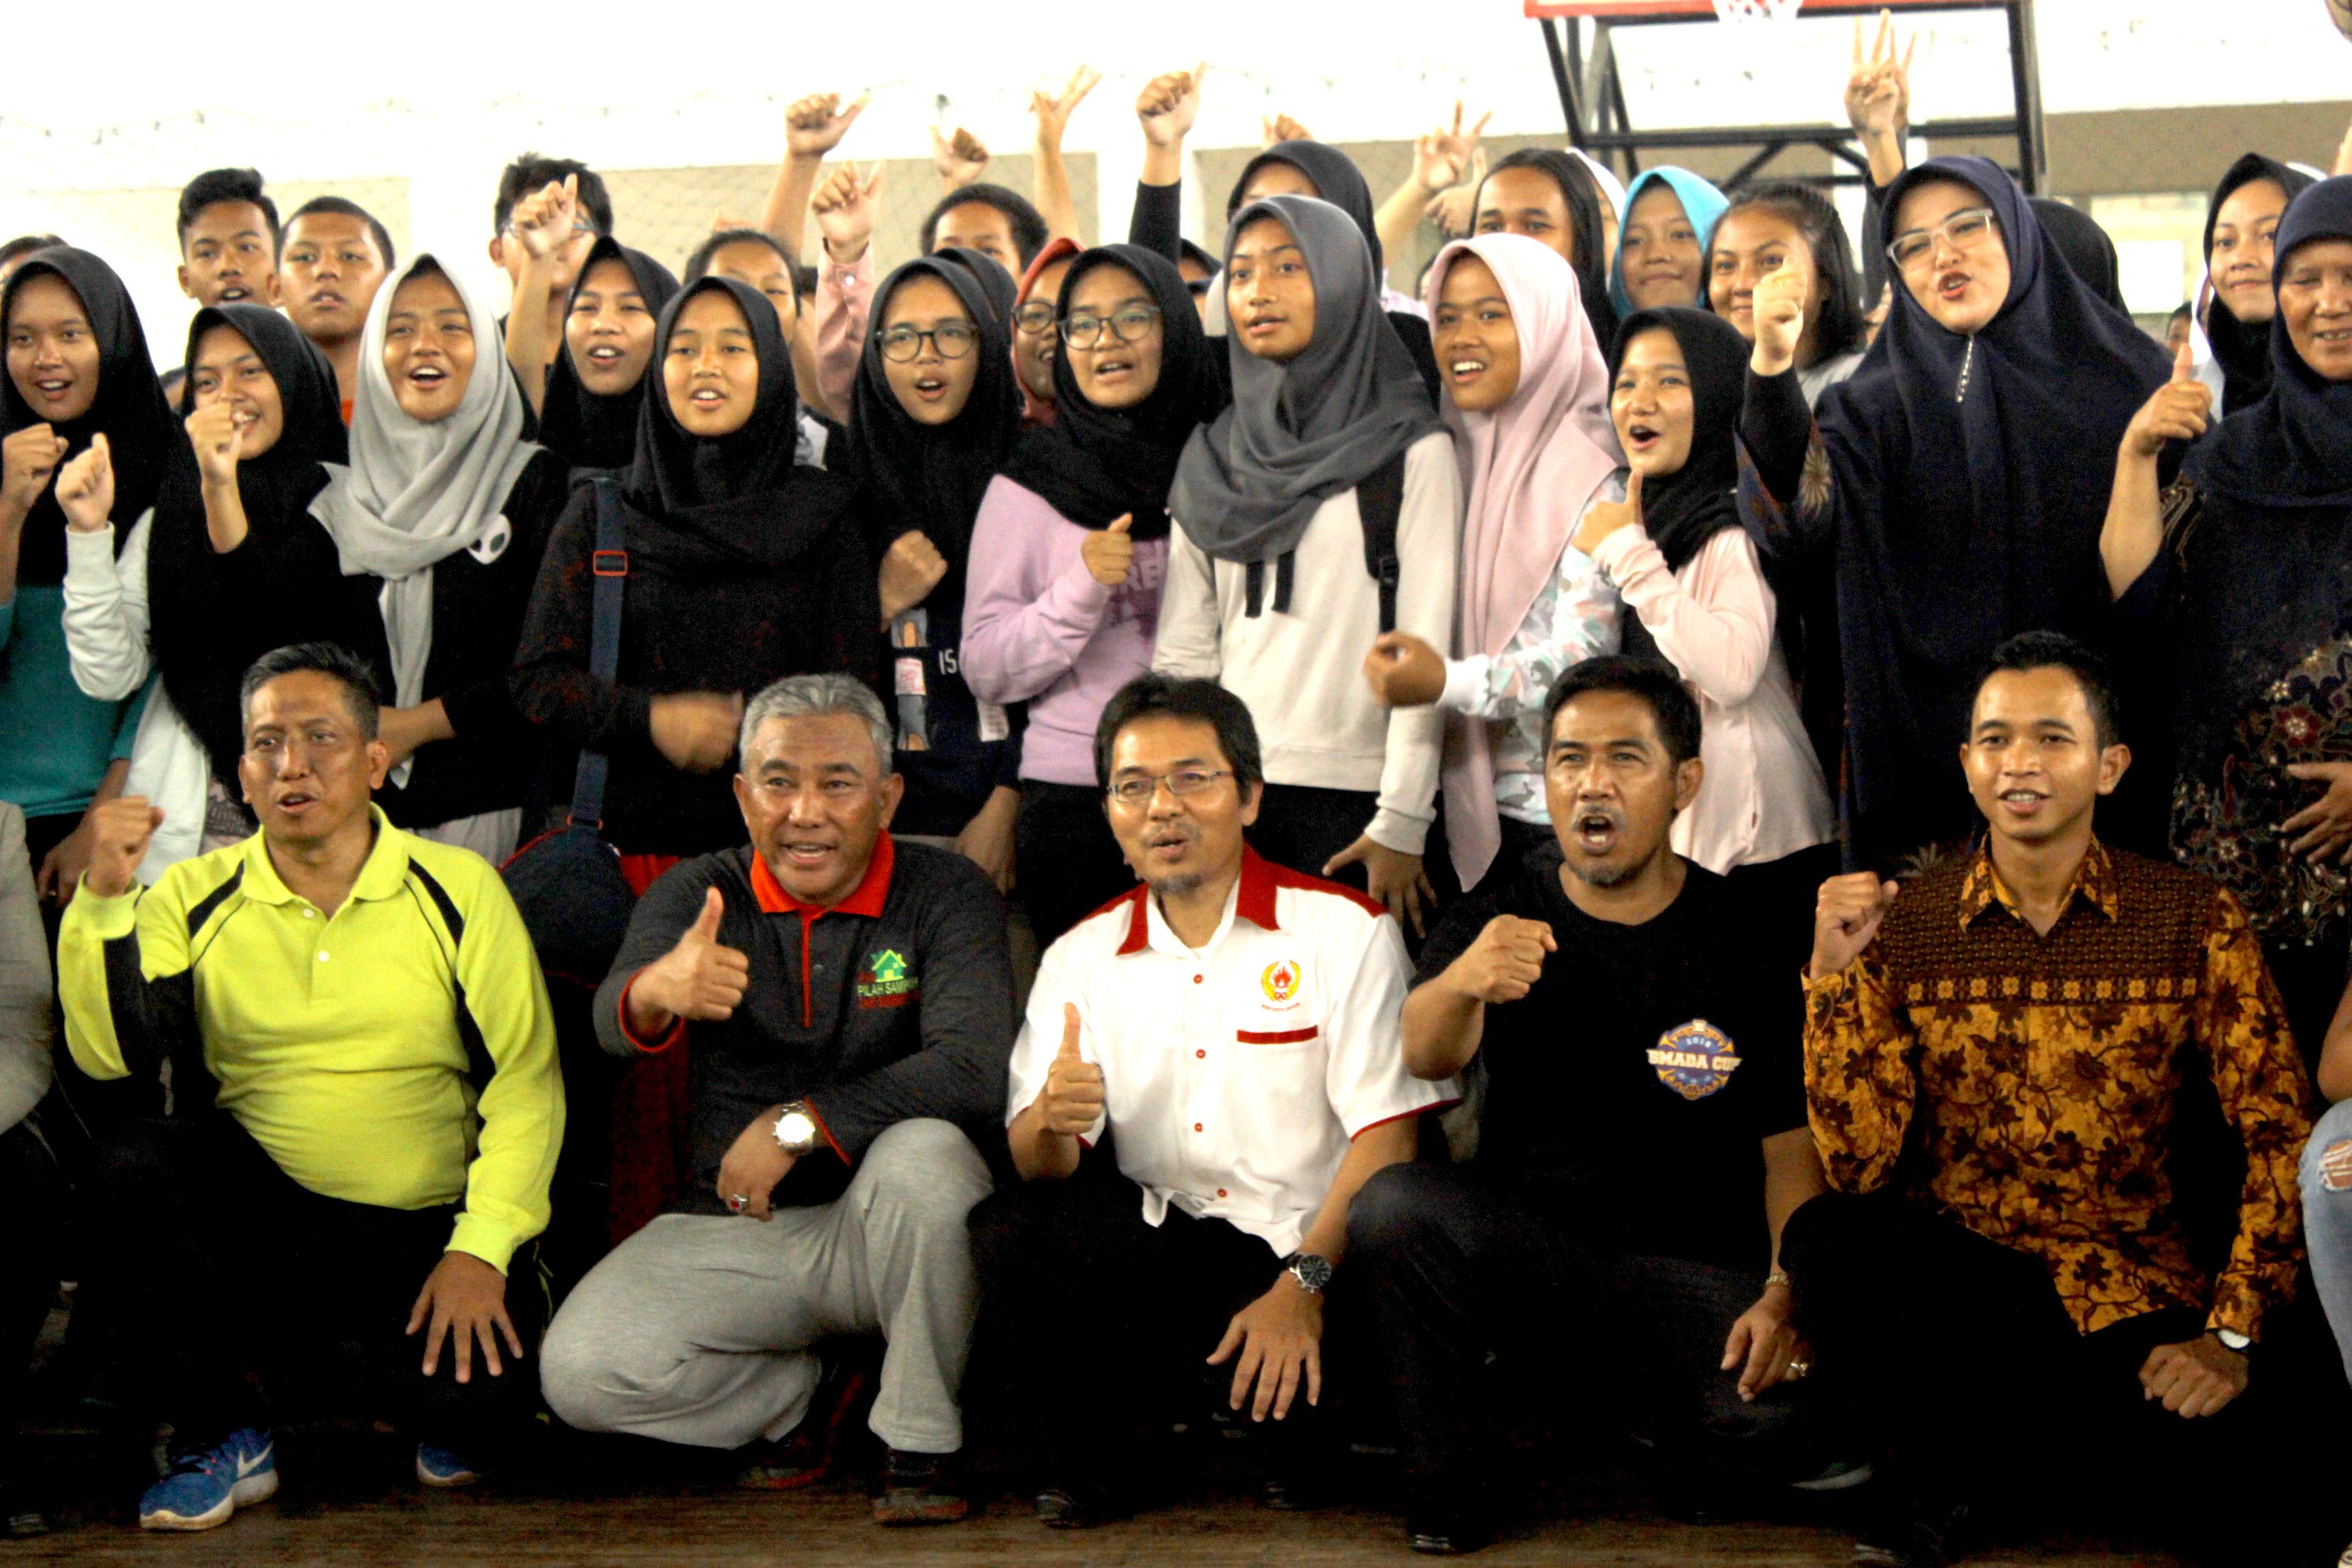 (dimulai kiri)Kadisdik, Walikota Depok,Ketua KONI dan kepala Sekolah SMAN 2 Depok yang foto bersama para peserta kejuaraan SMADA CUP XI